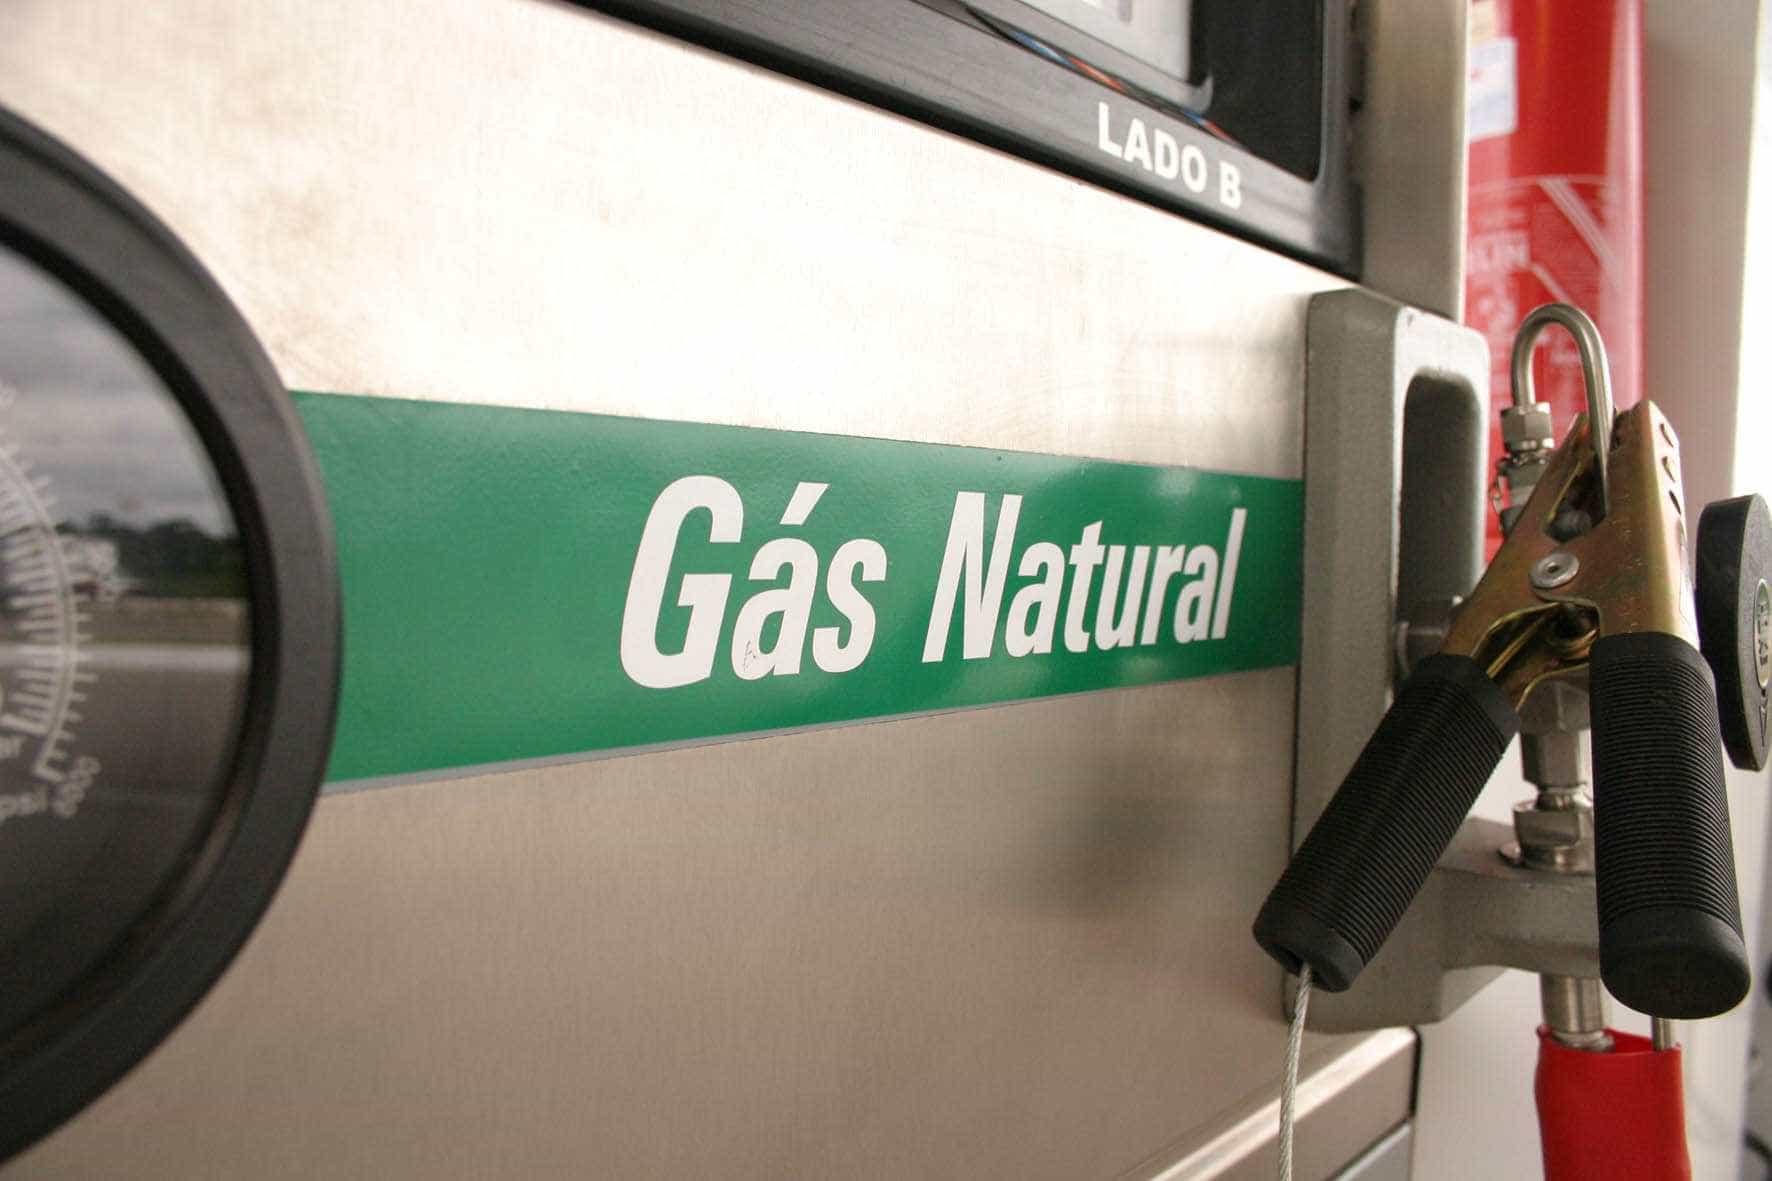 Distribuidoras de gás do NE buscam supridor alternativo à Petrobras